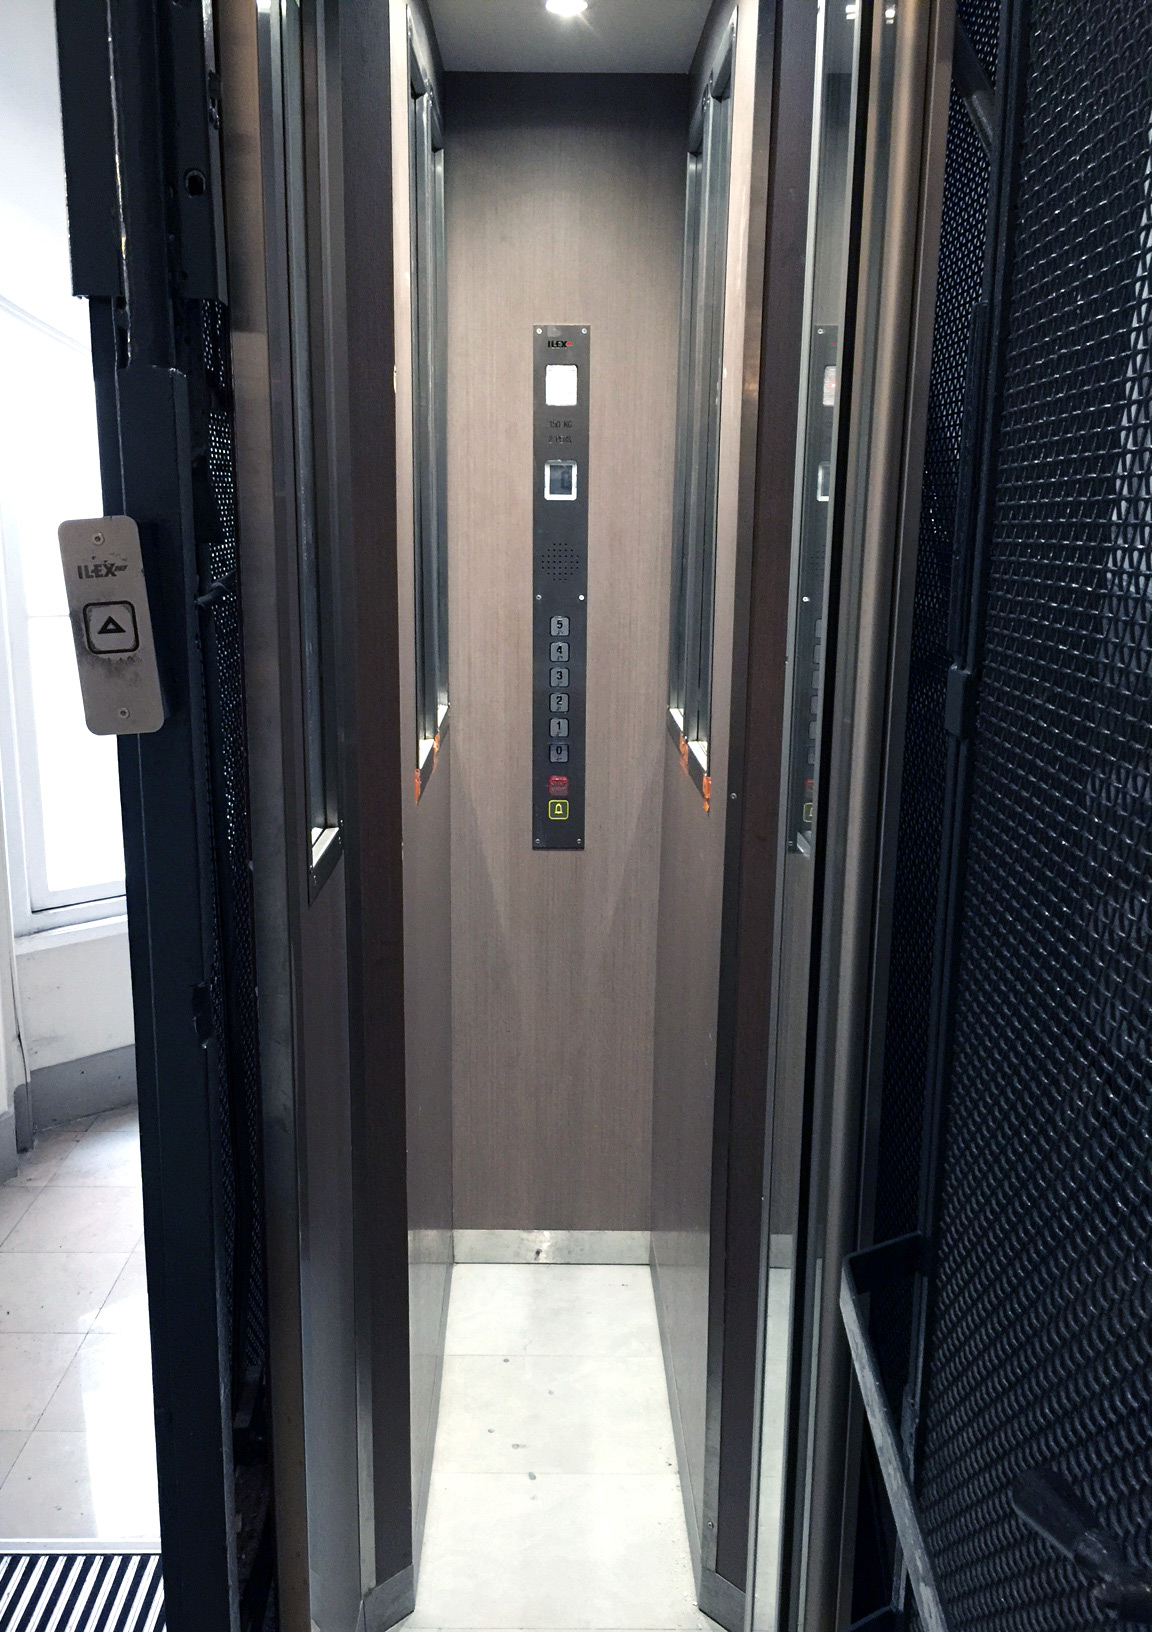 A one-person sideways elevator